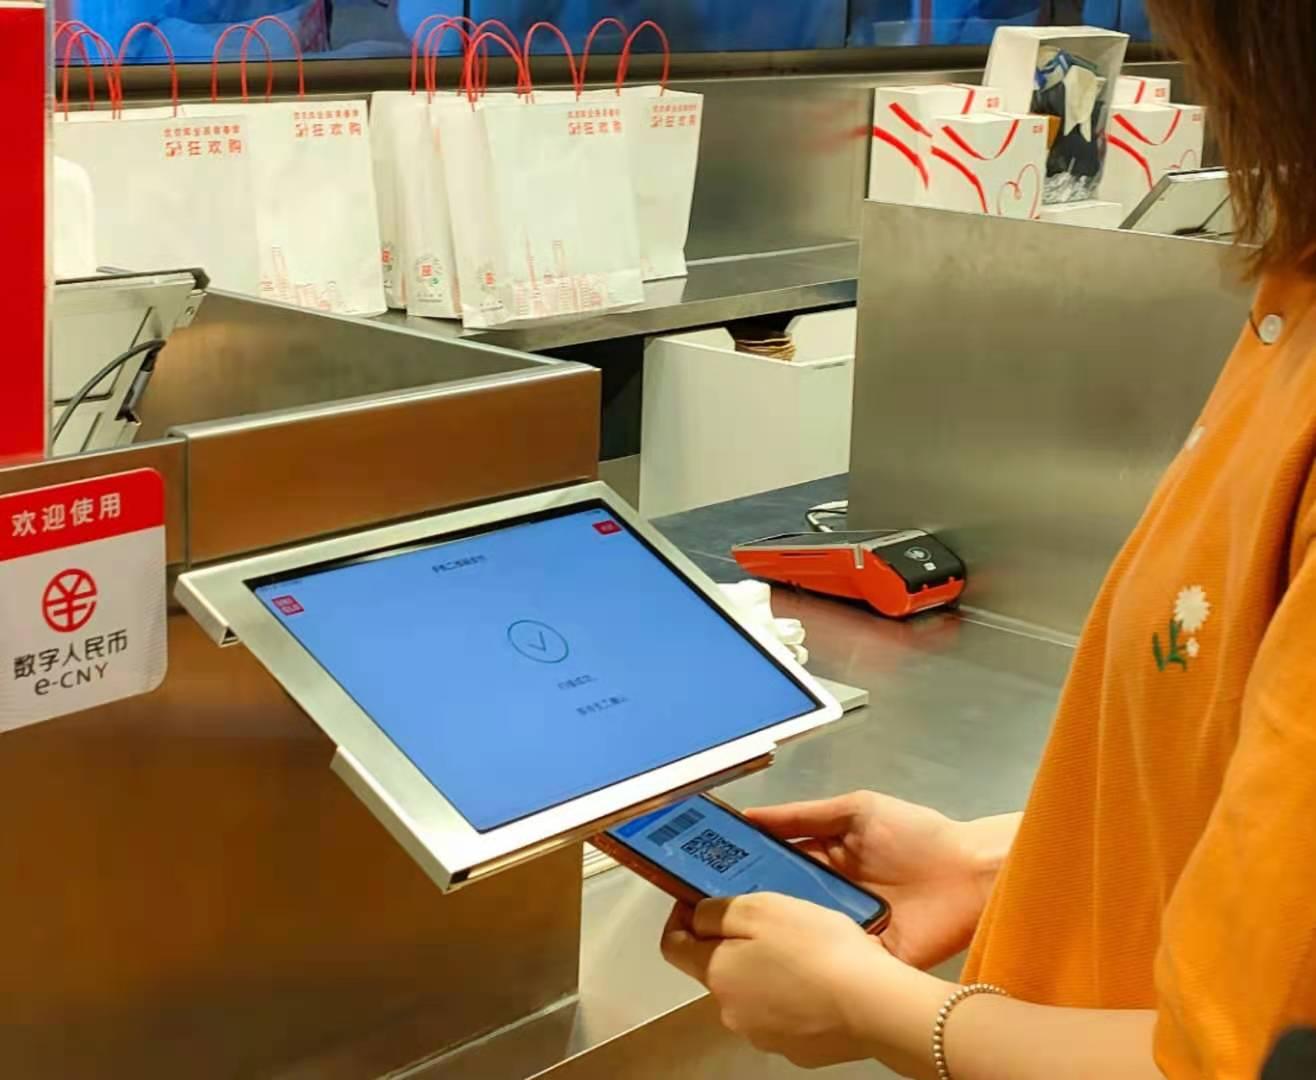 优衣库上海推广新消费场景:数字人民币支付,上线数字化服务